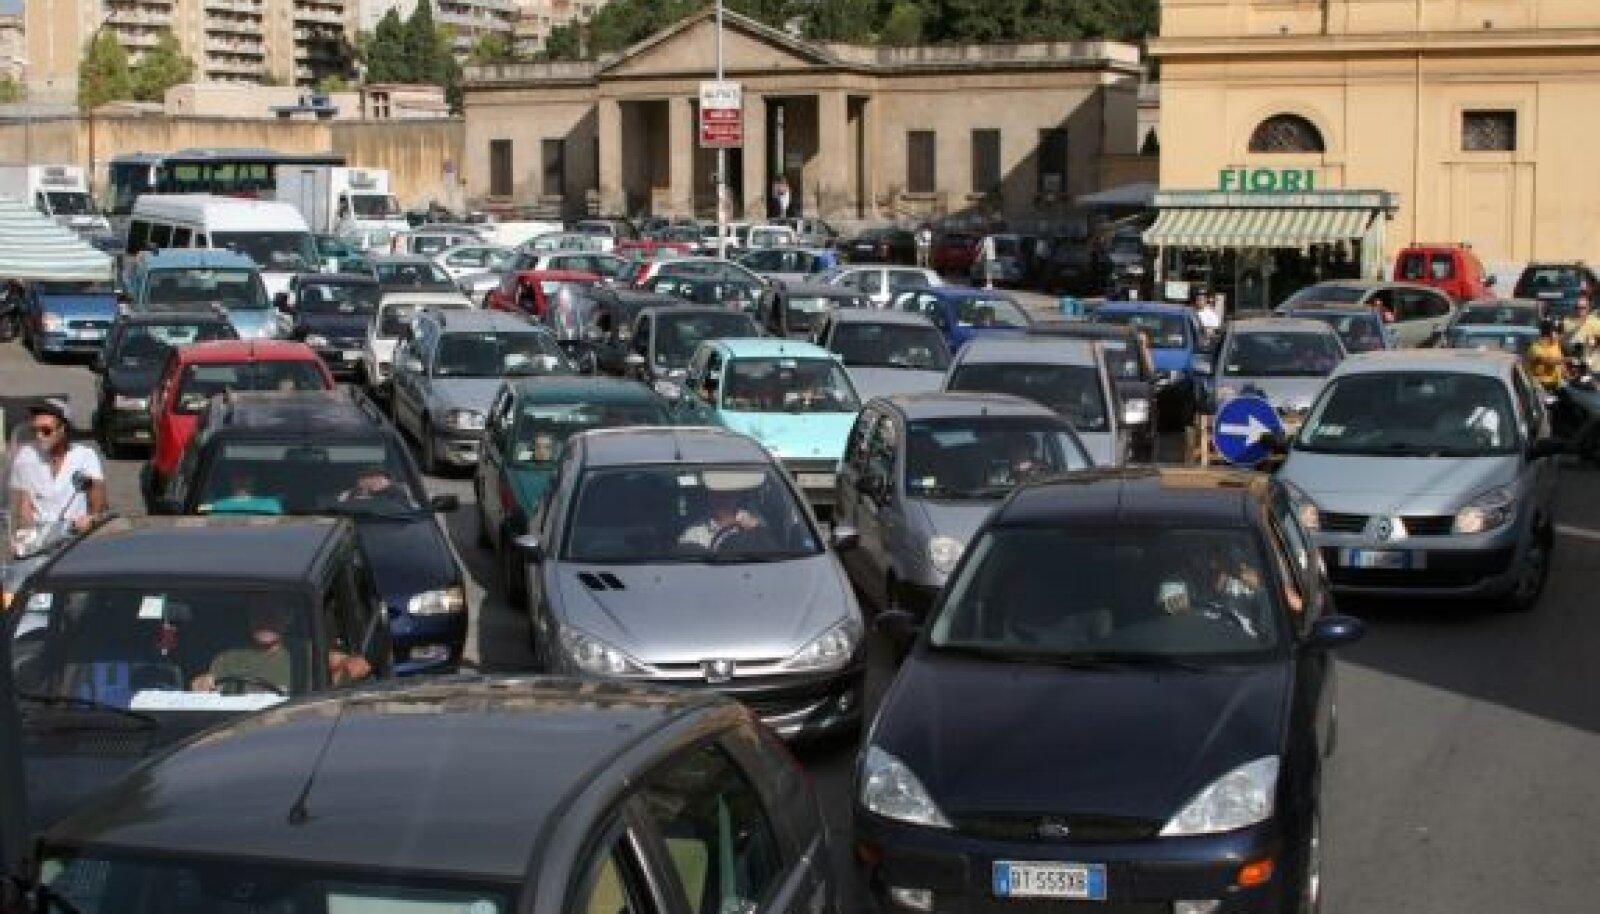 Palermo oli autodest alati tulvil, kellaajast sõltumata.